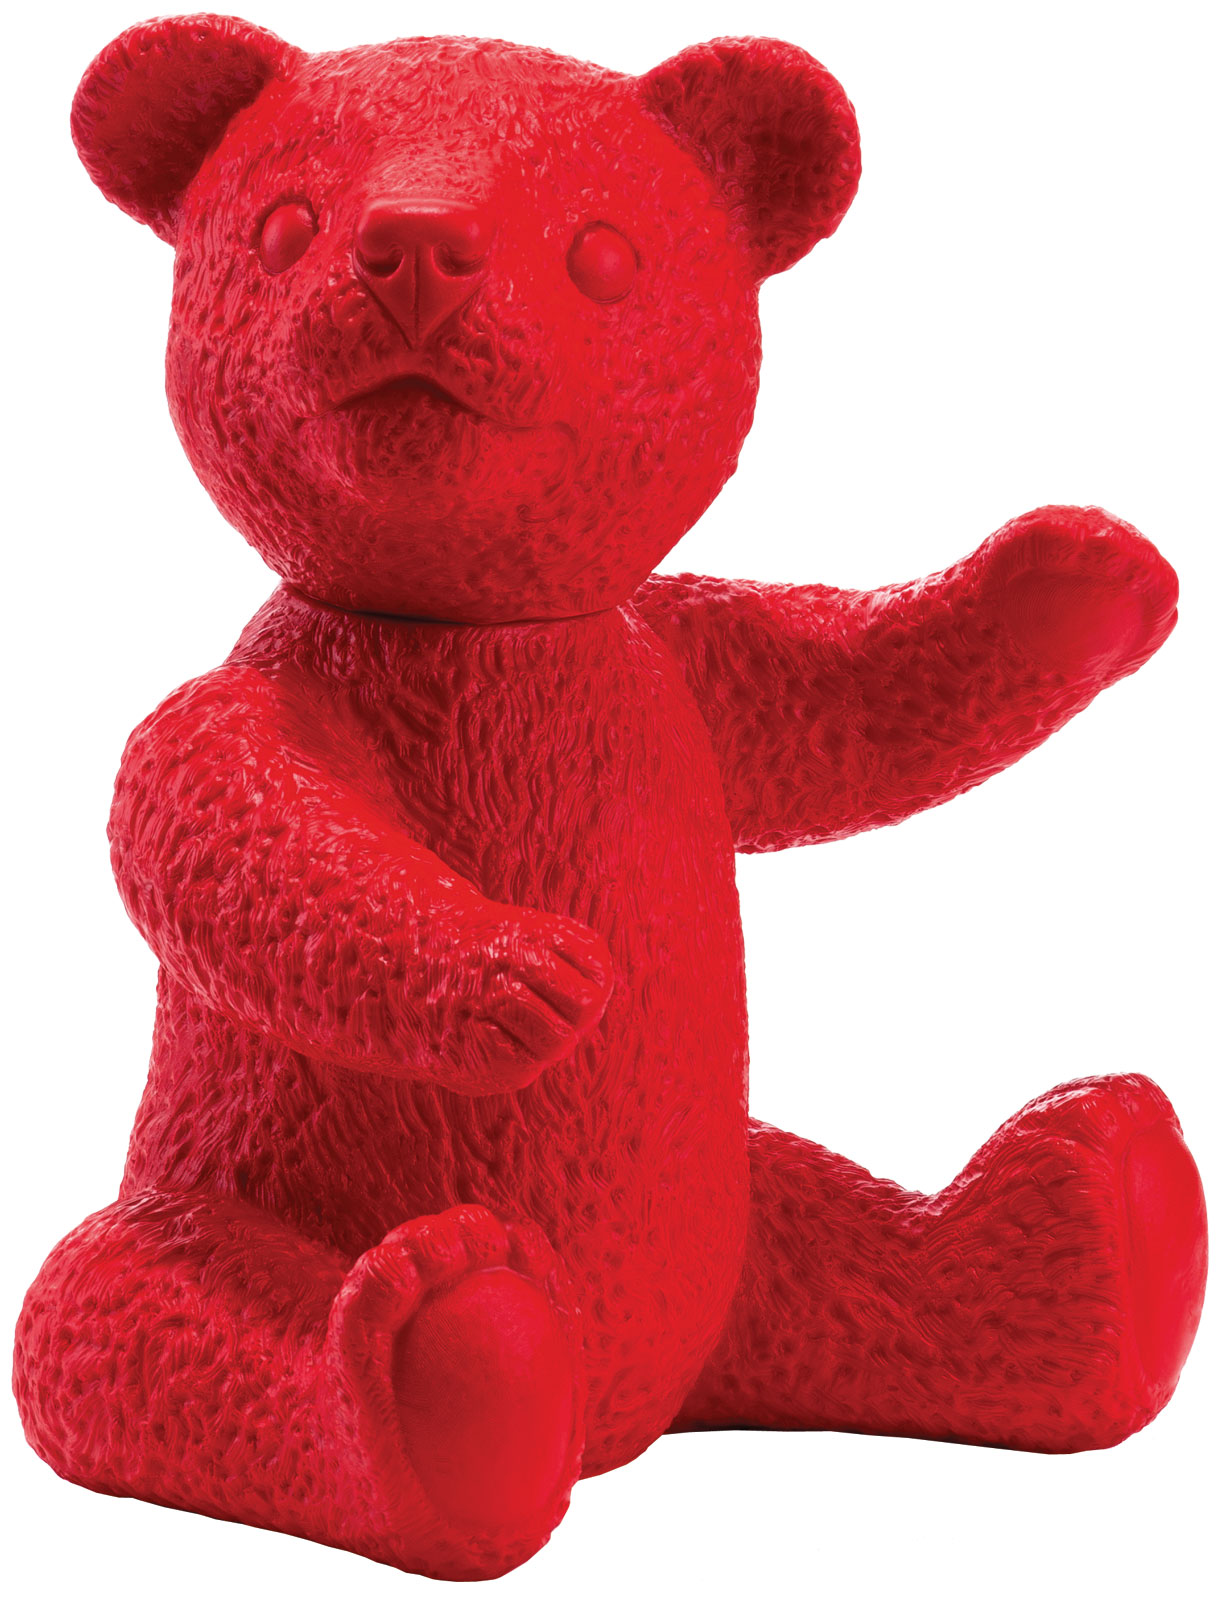 """Skulptur """"Teddy rot"""" (2007), signierte Version"""